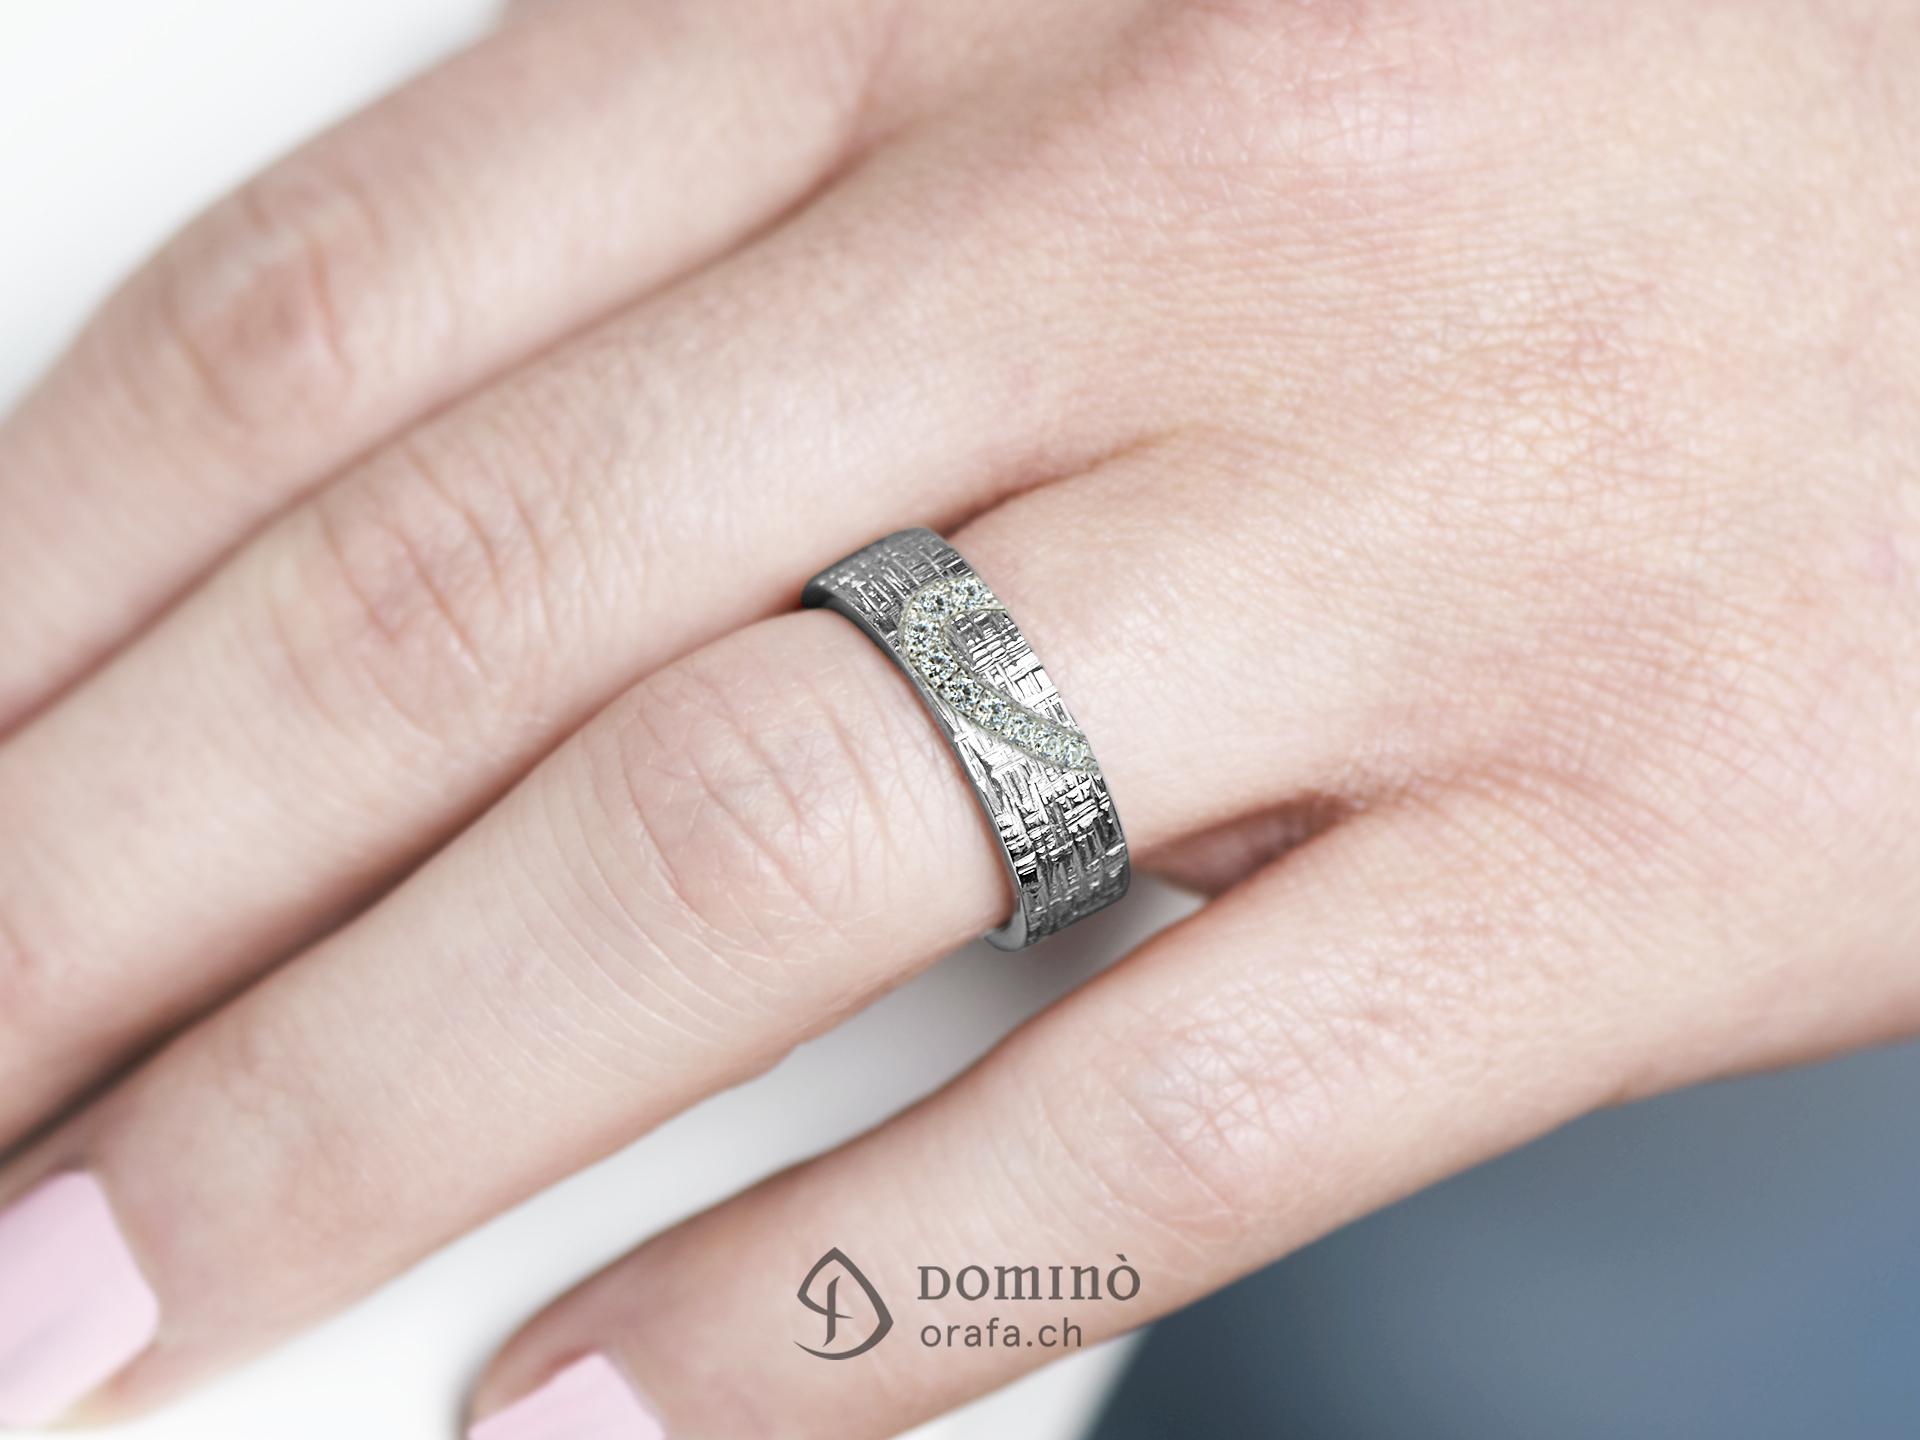 fedi-nuziali-linee-incrociate-contorno-cuore-diamanti-1